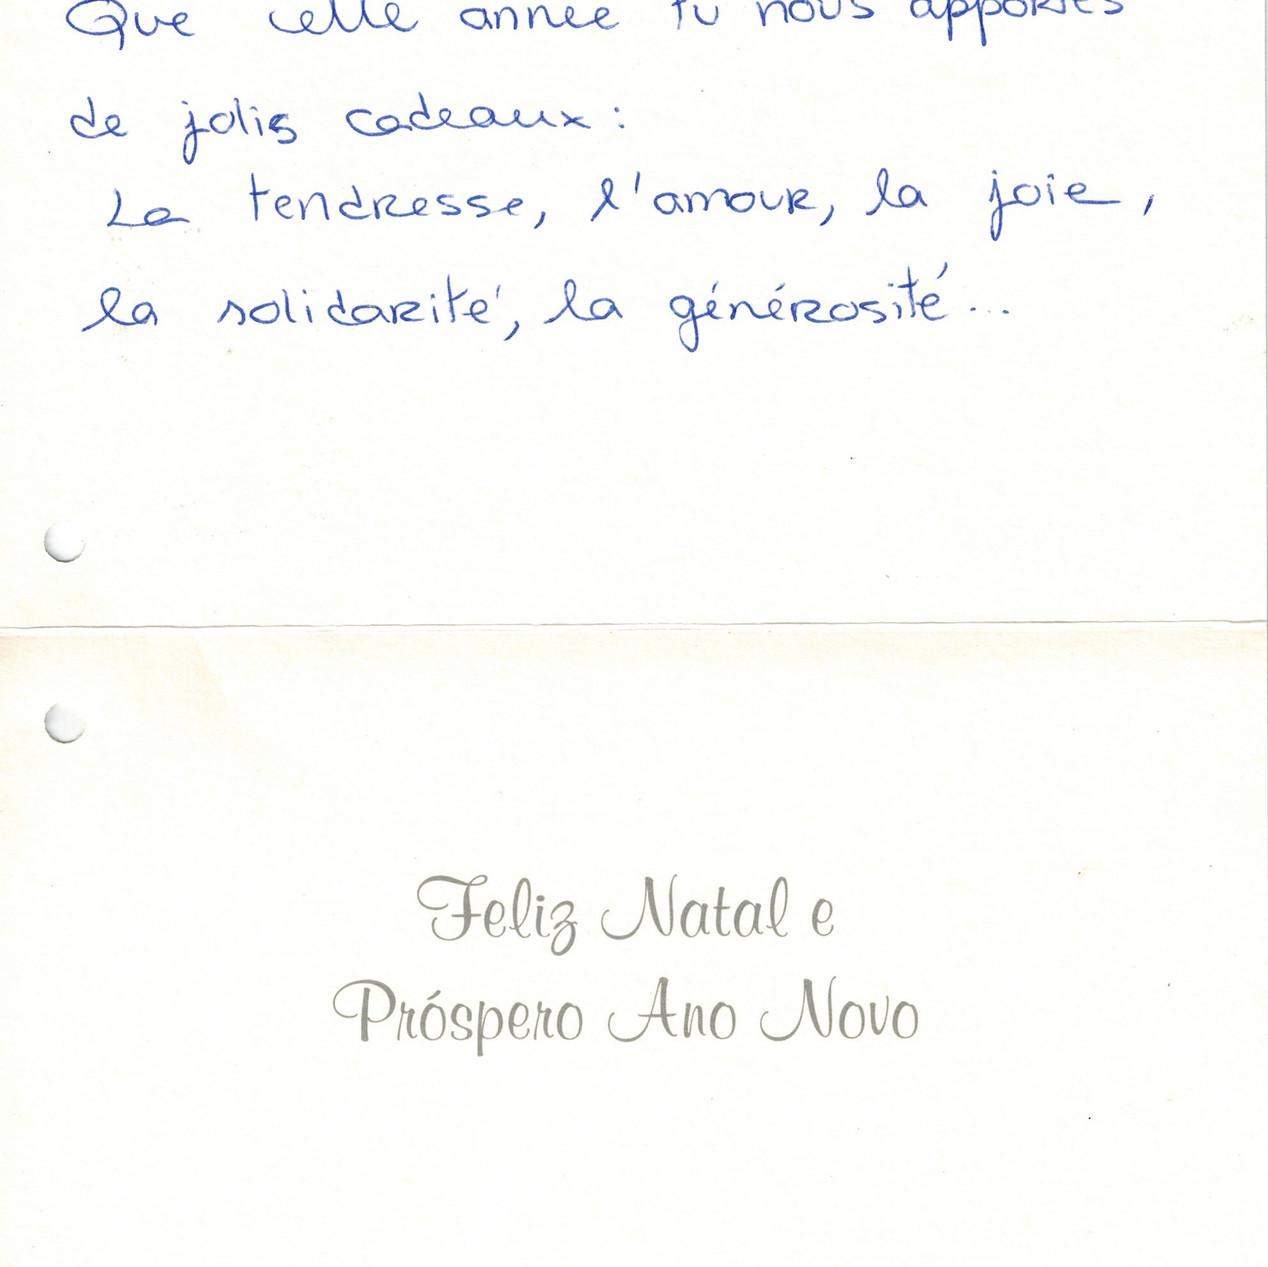 Carte de Susana.